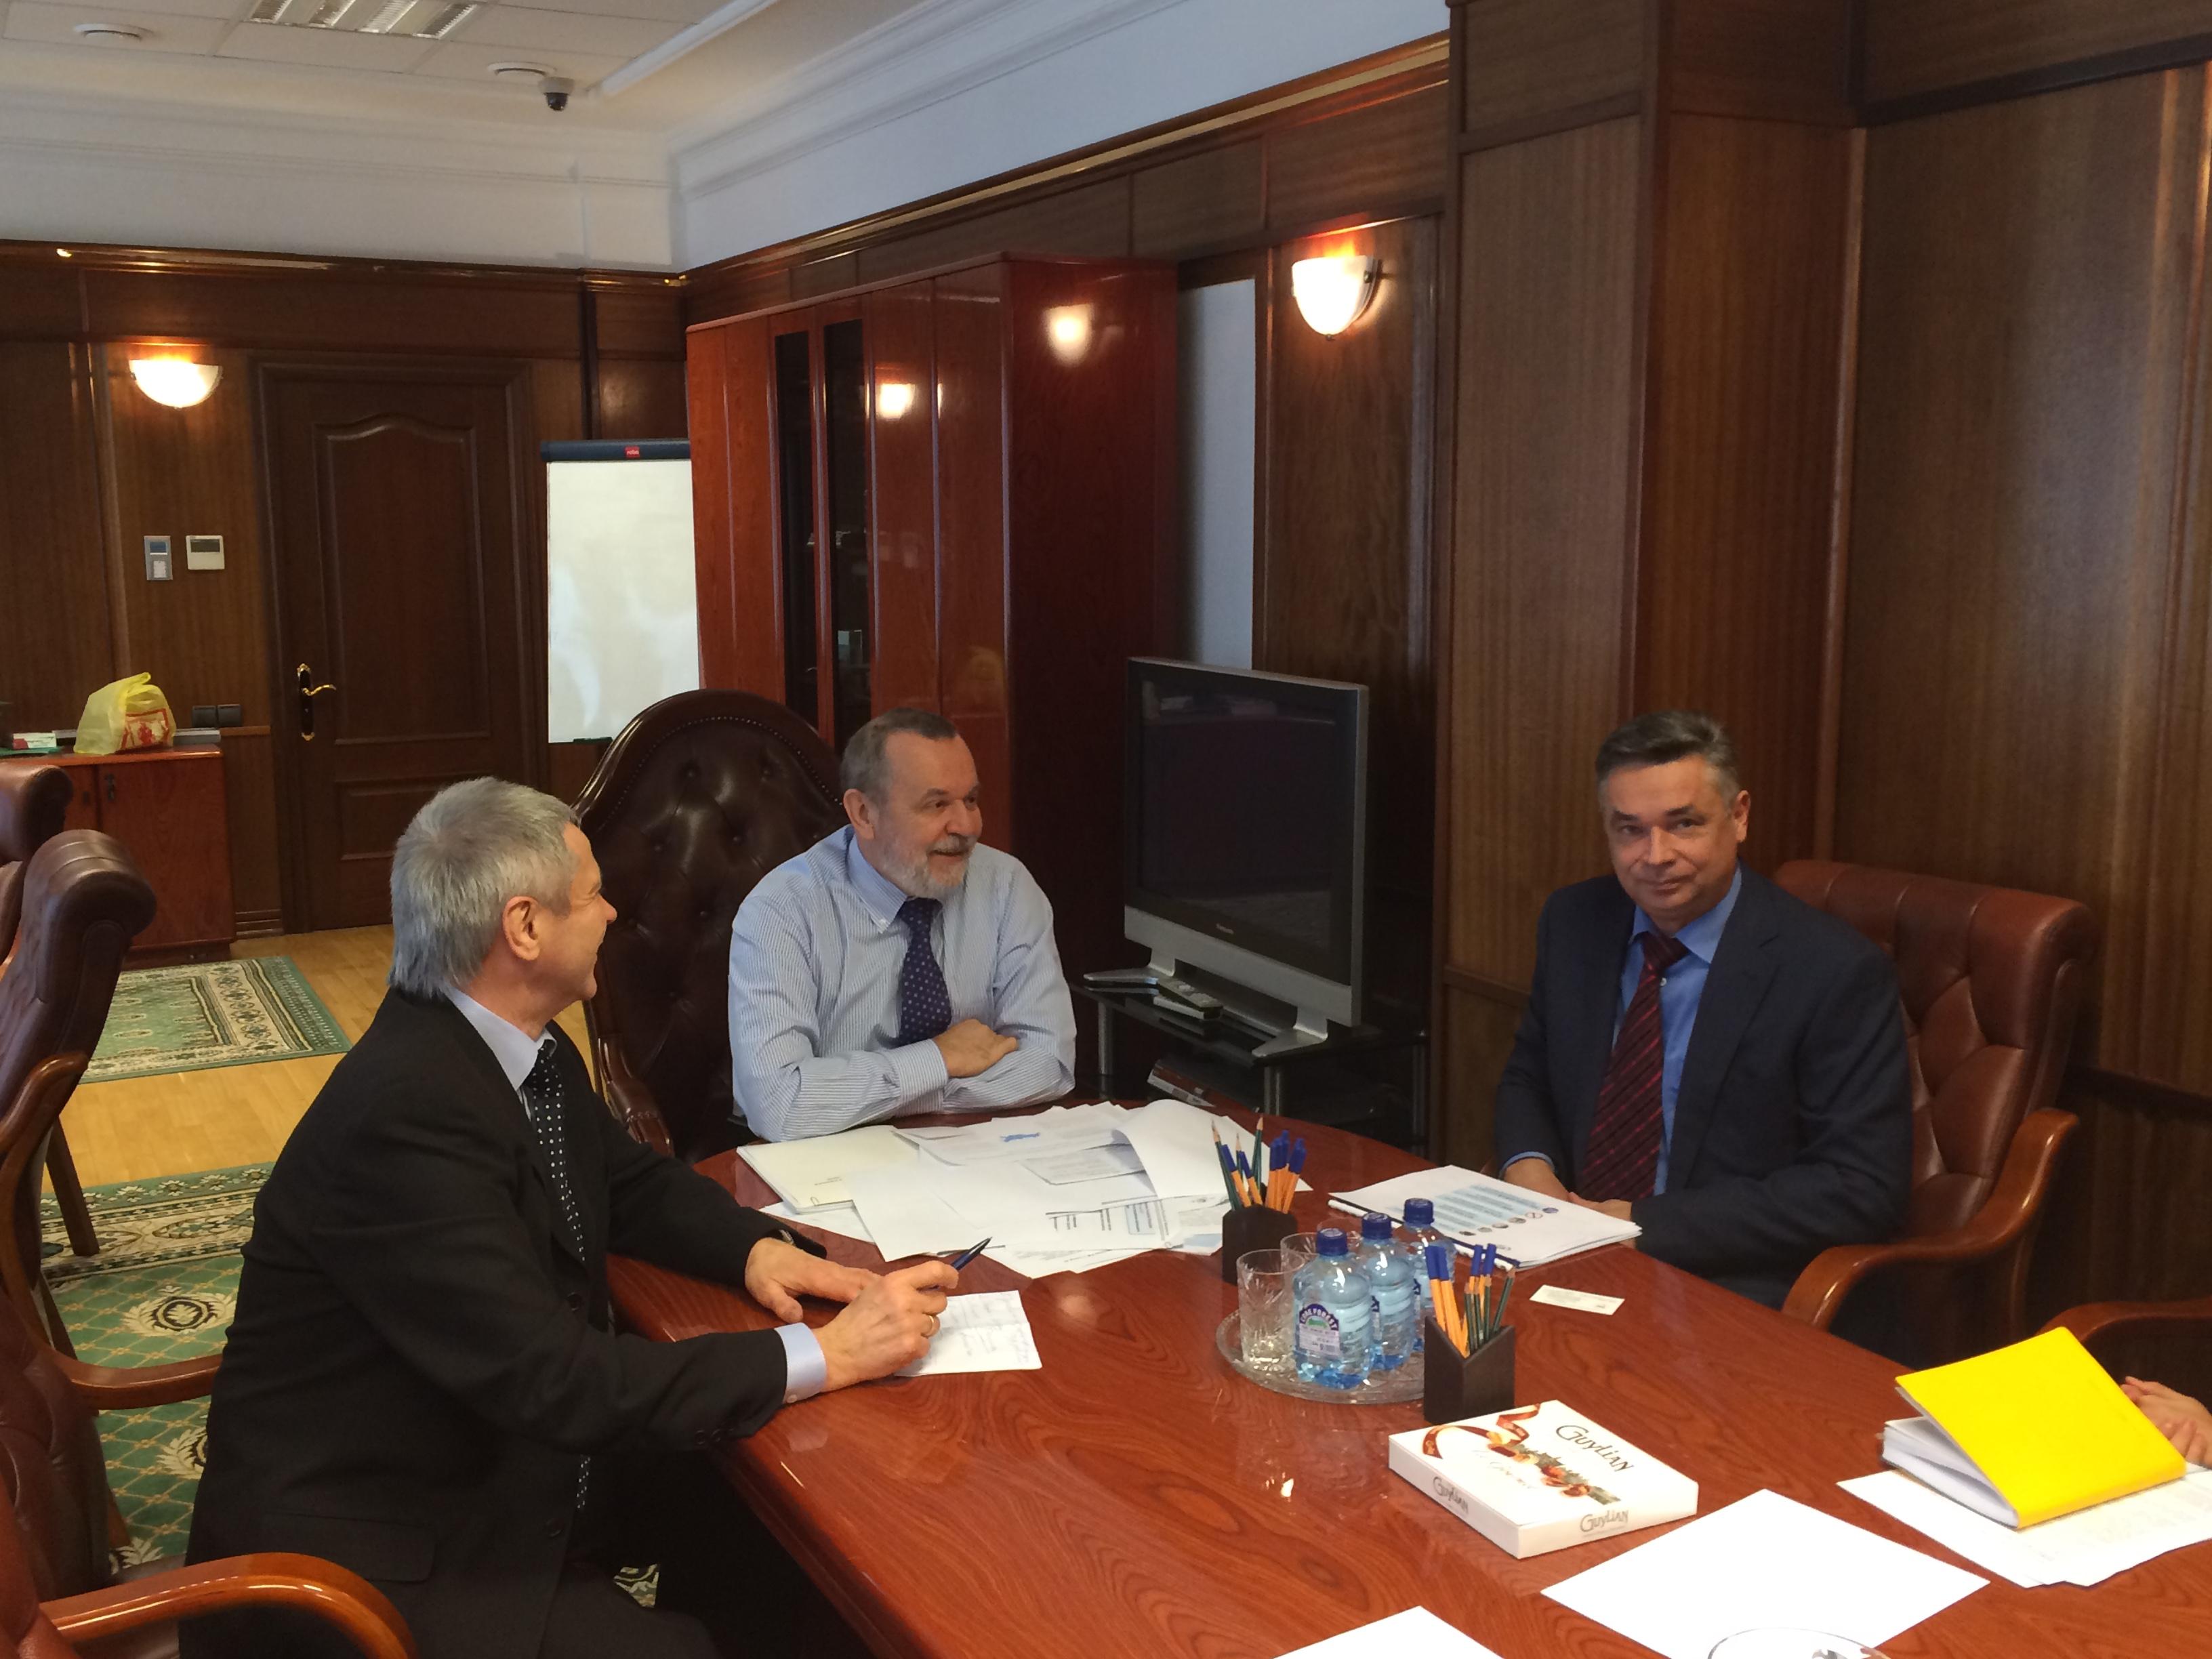 П.А. Рожков в офисе Фонда социального страхования Российской Федерации встретился с председателем Фонда А.С. Кигимом